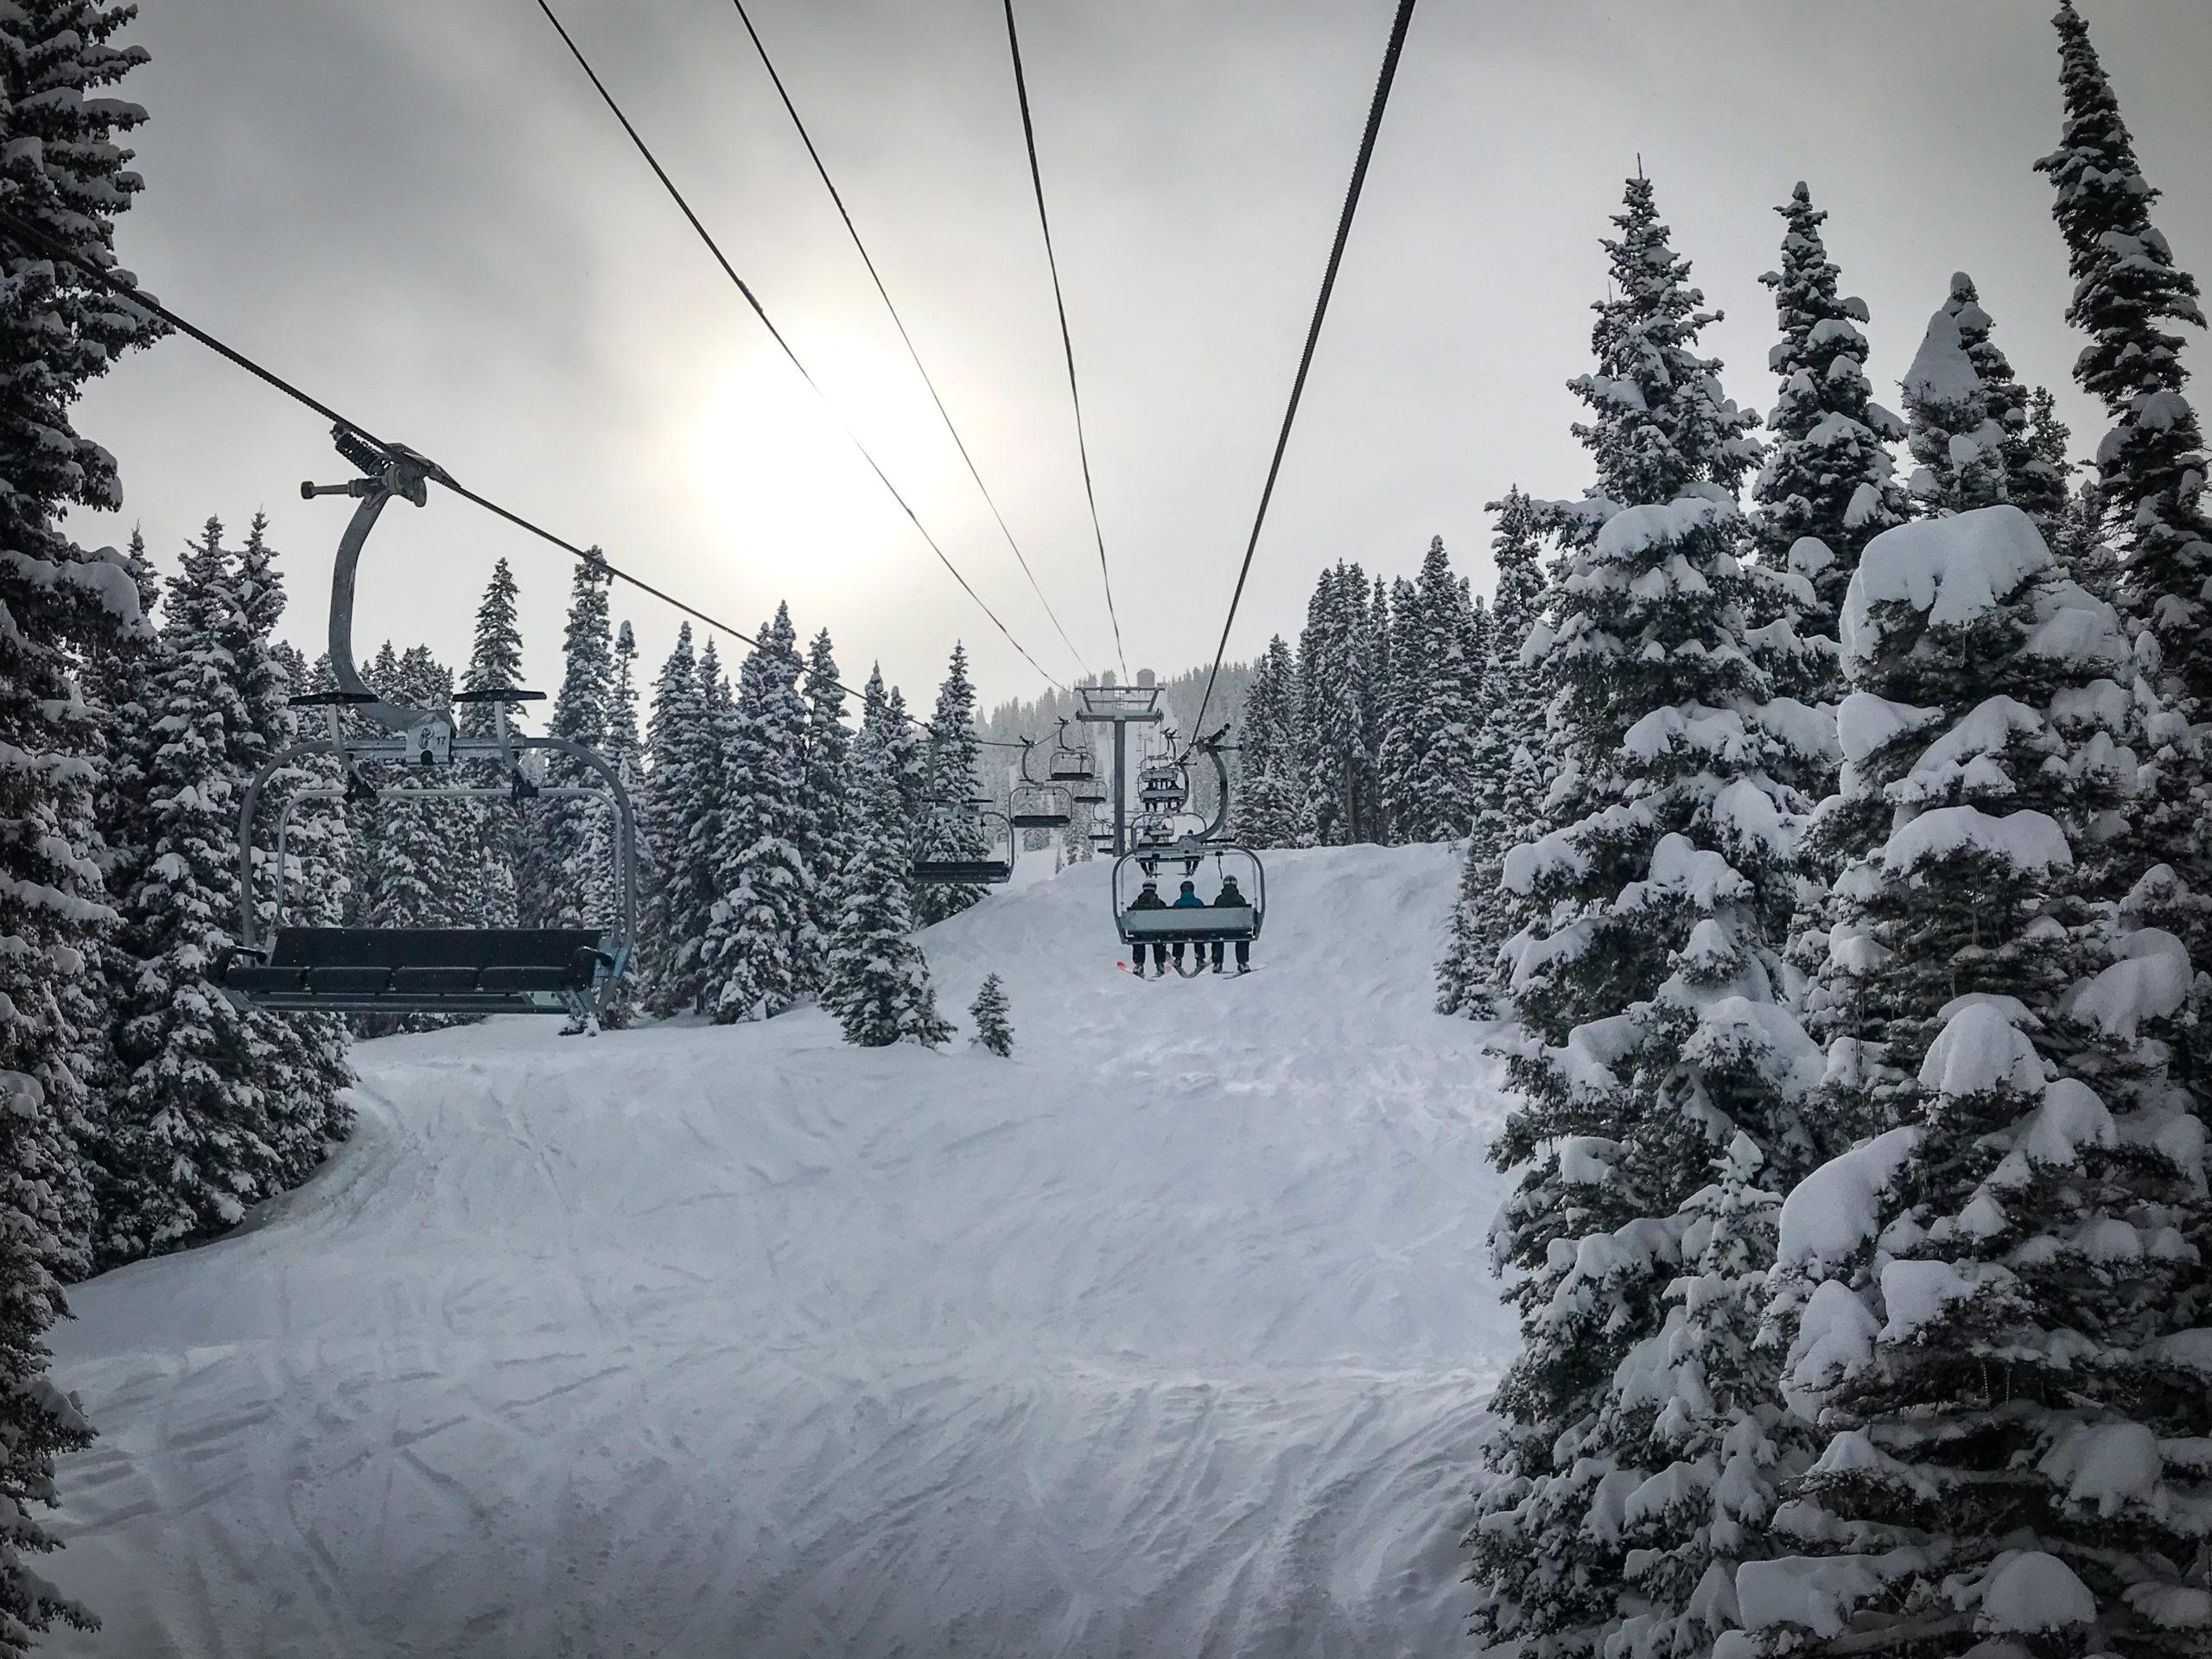 ski areas covid purgatory resort chairlift